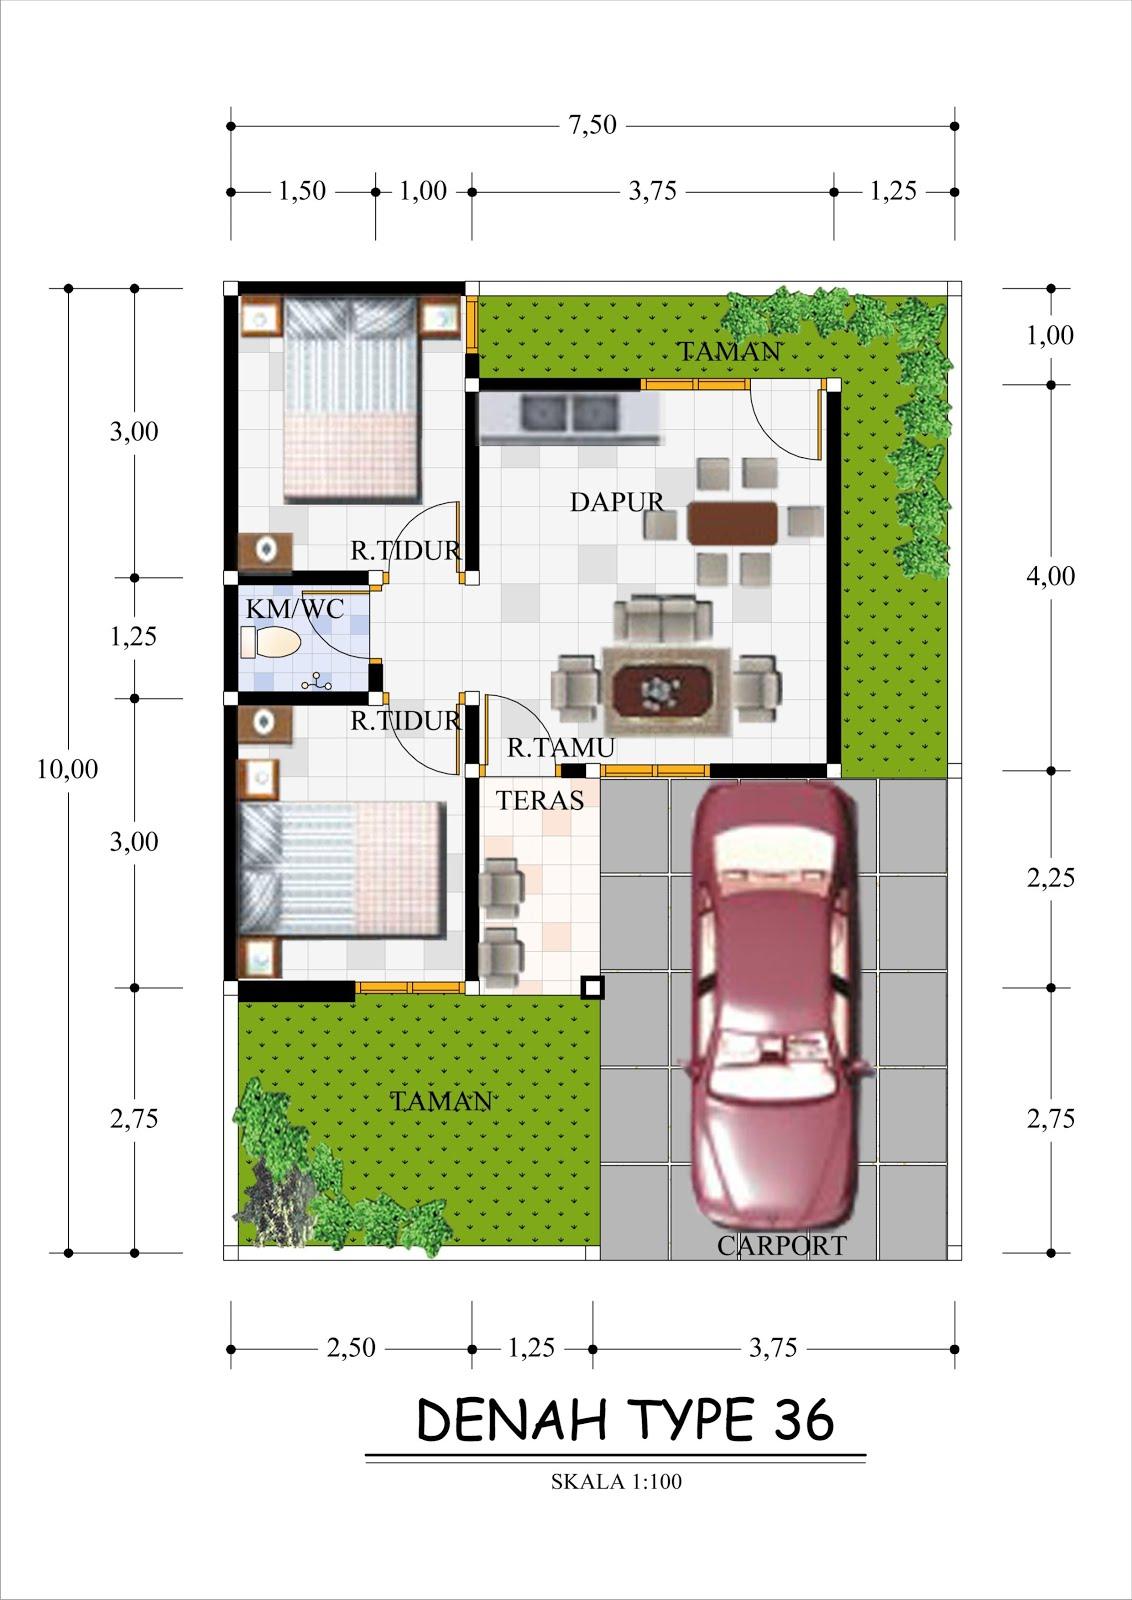 Gambar Denah Rumah Type 36 Ukurannya Freewaremini Desain